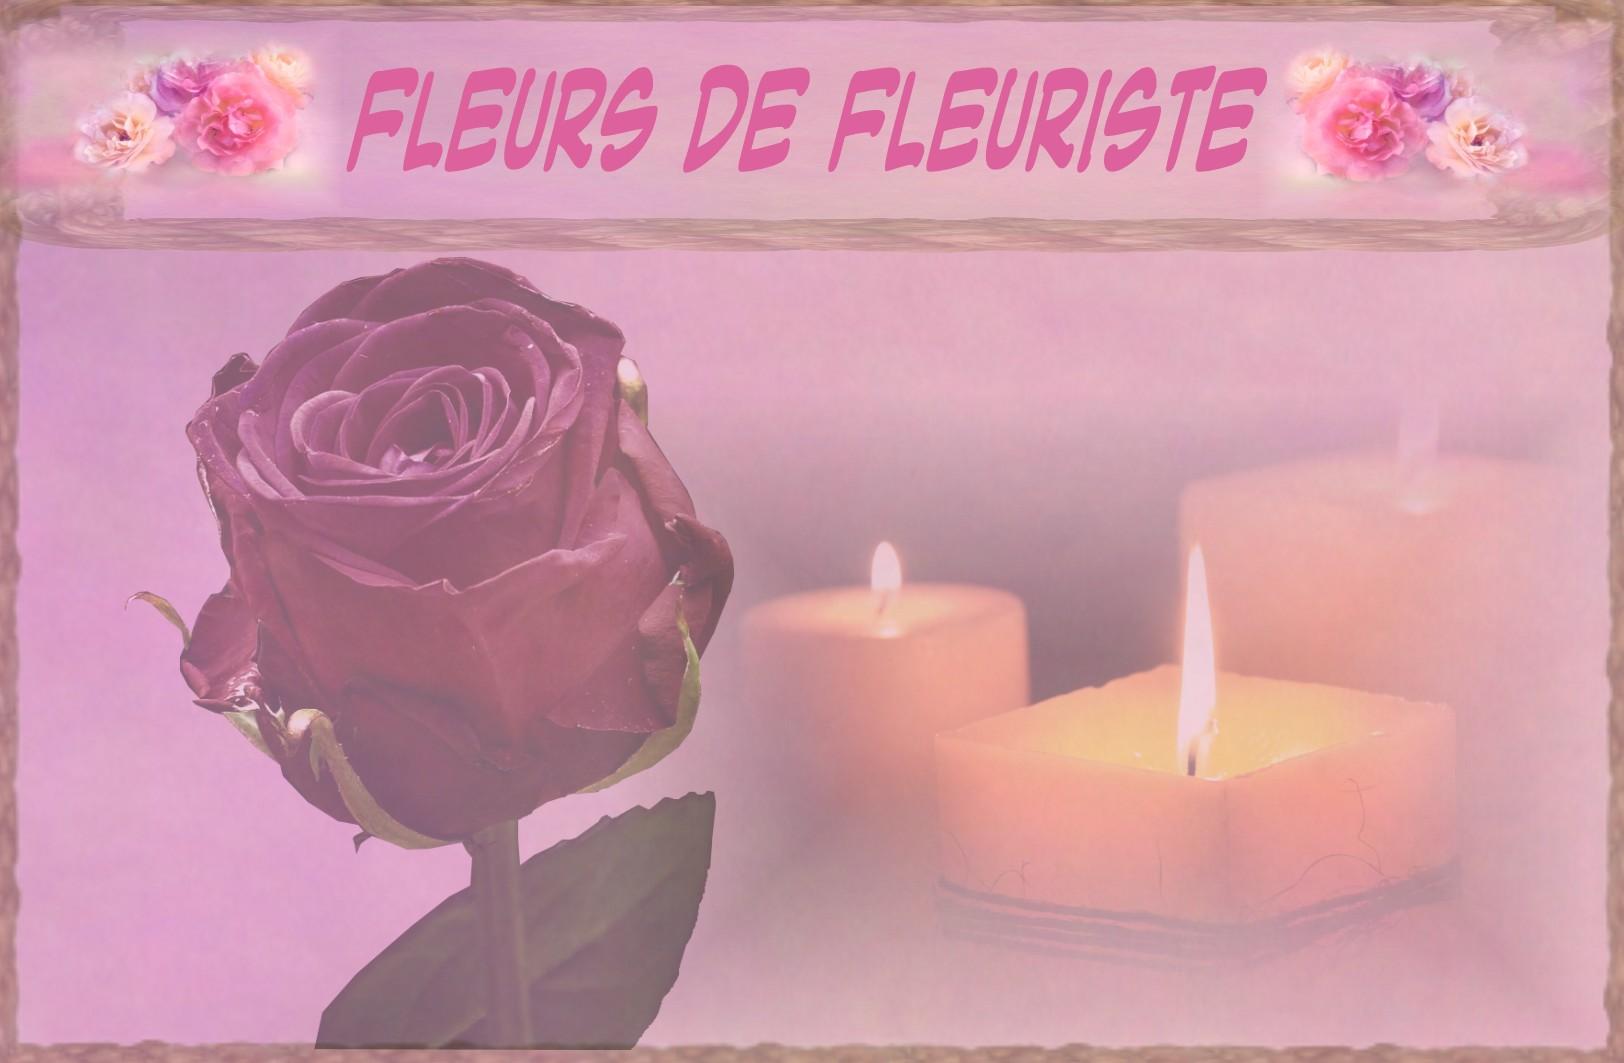 FLEURS DEUIL PAULHAN 34 -  ENVOYER FLEURS OBSÈQUES PAULHAN 34 - ENVOI FLEURS POUR UN ENTERREMENT A PAULHAN 34 - FLEURS POUR DEUIL A PAULHAN 34 - FLEURS POUR CREMATION PAULHAN 34  - livrer des fleurs pour un deuil, des obsèques, un enterrement, une crémation par un fleuriste de PAULHAN 34